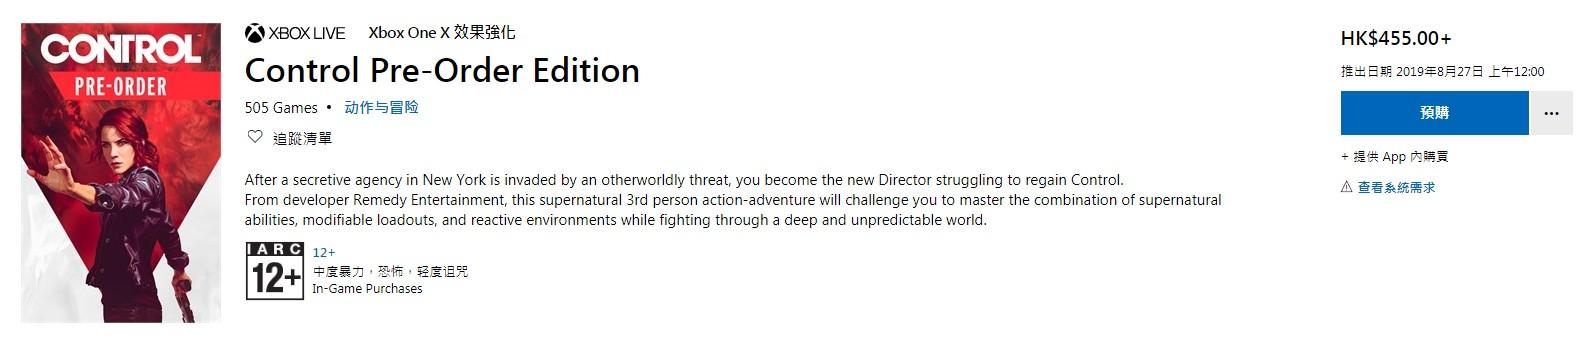 Remedy新作《控制》Xbox版容量公布 评级12+